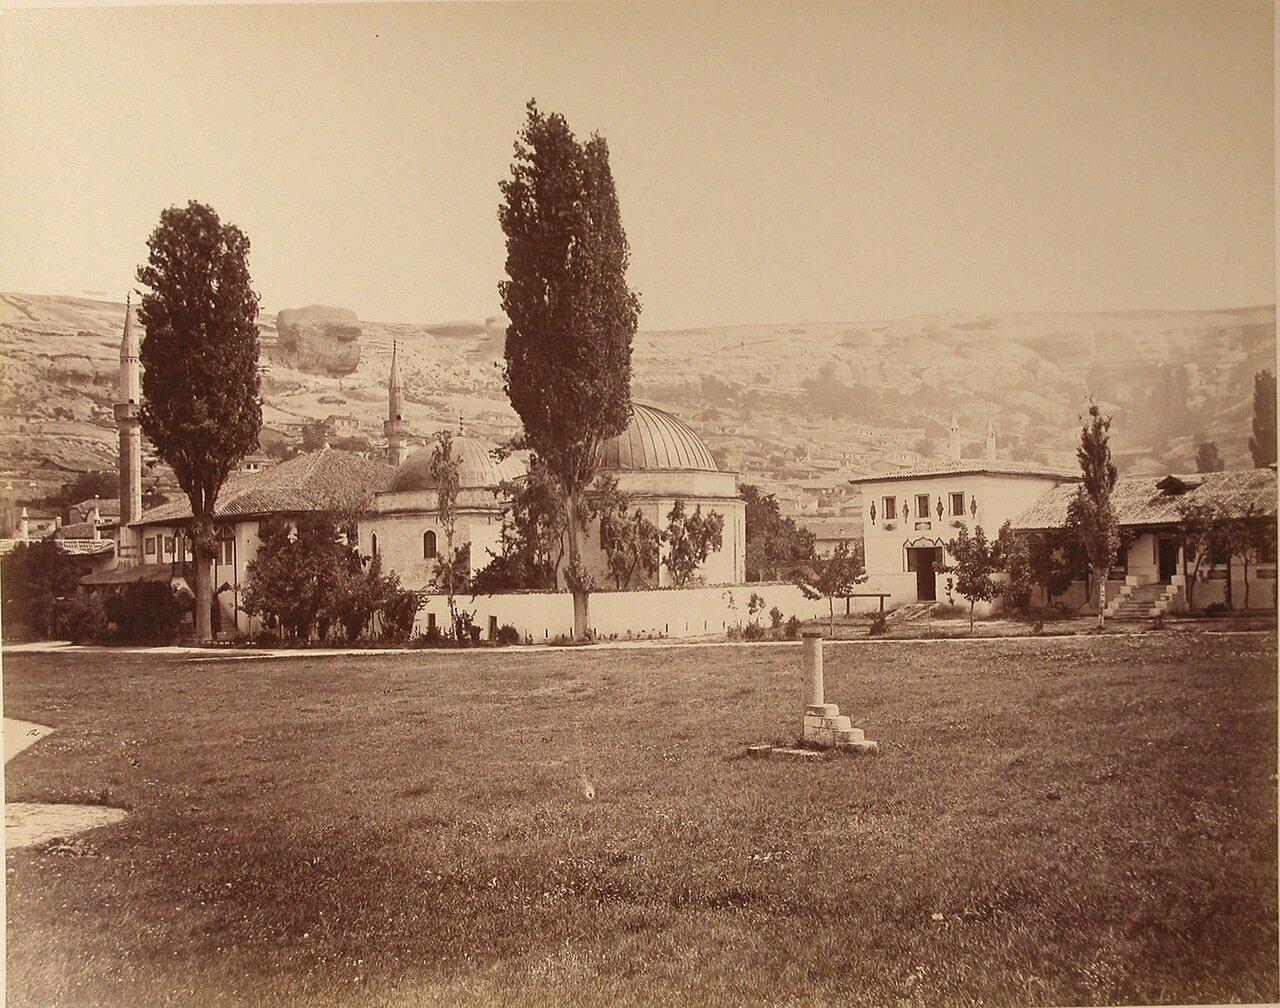 15. Вид северного и южного дюрбе (ханских гробниц) на территории ханского дворца. Бахчисарай